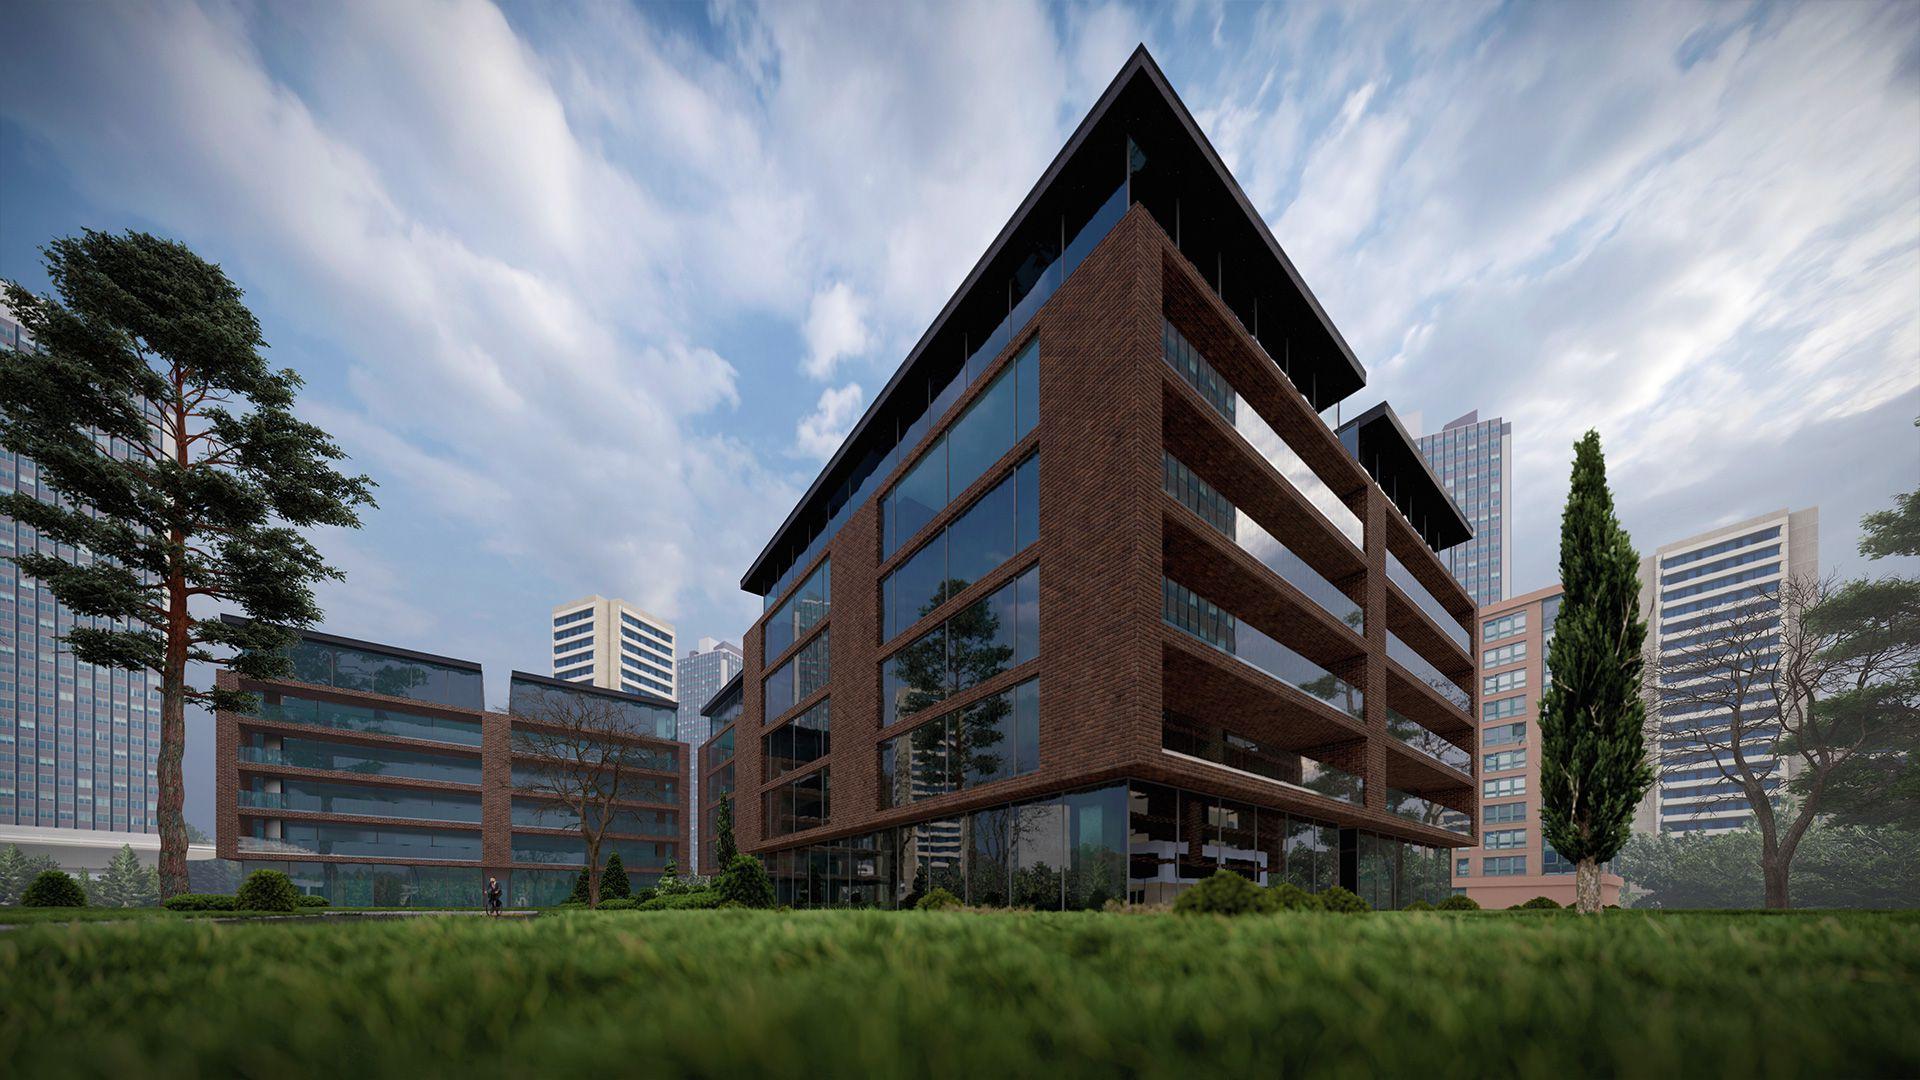 arhitektuurne 3d pilt hoone visualiseerimine 154